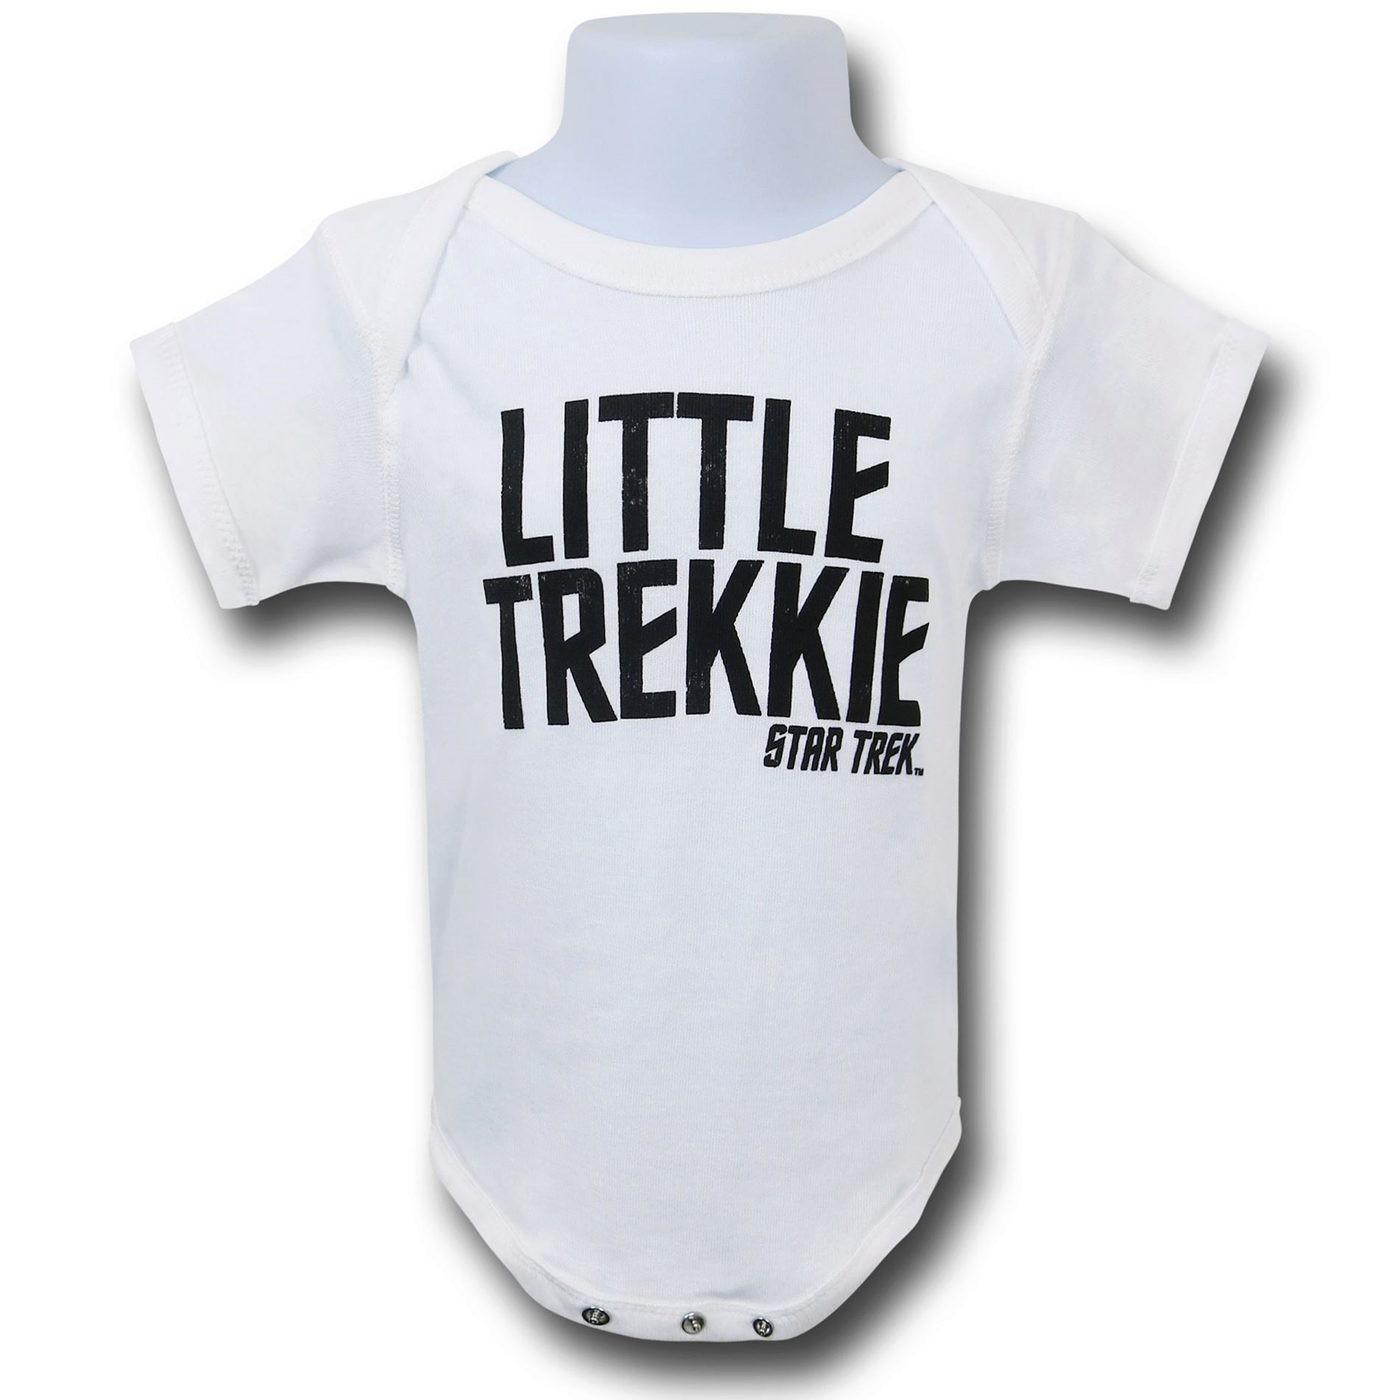 Star Trek Little Trekkie Infant Snapsuit